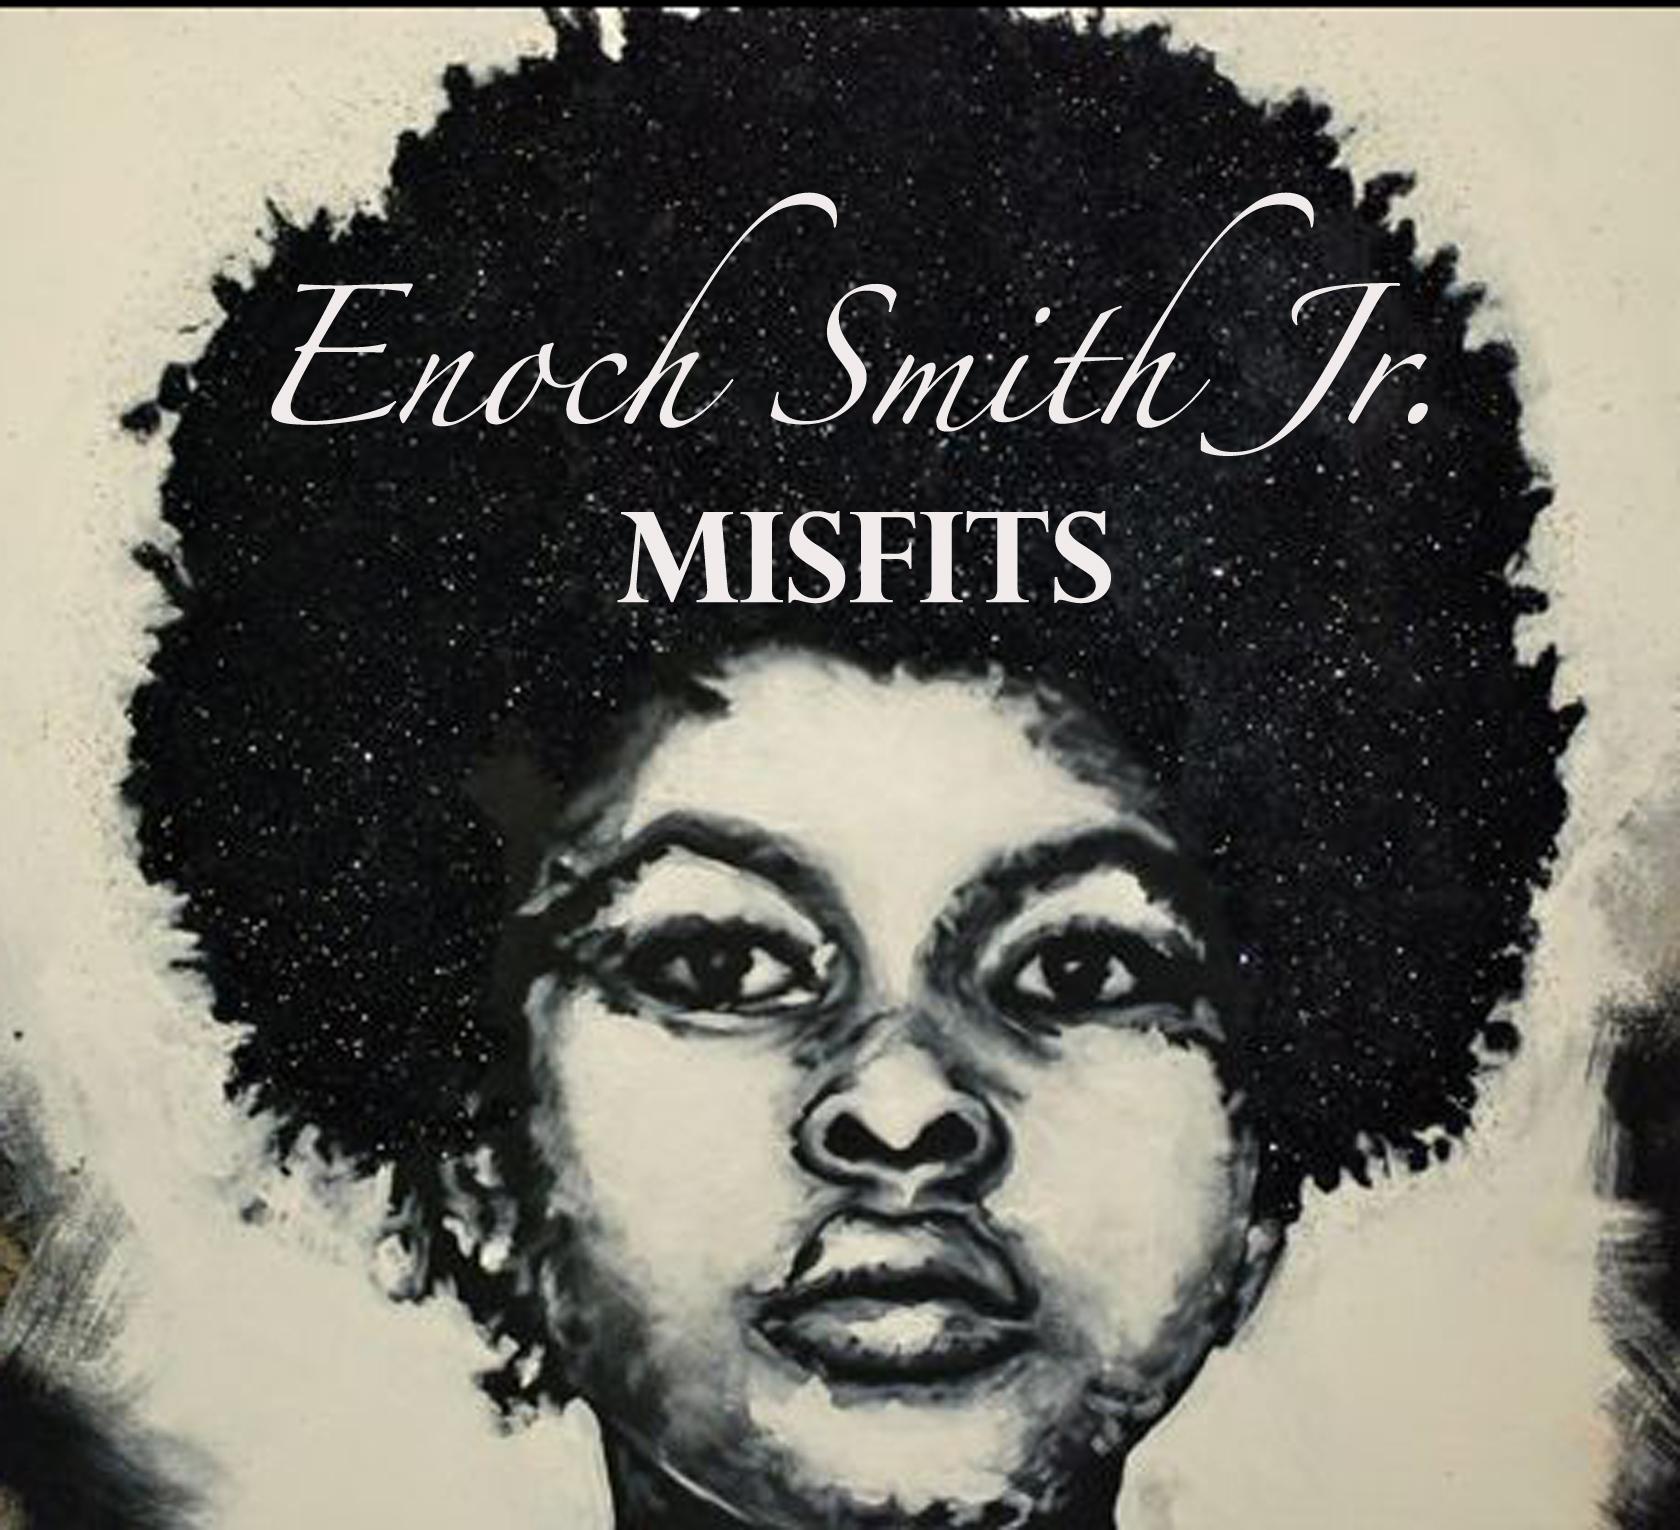 Enoch Smith Jr.: Misfits